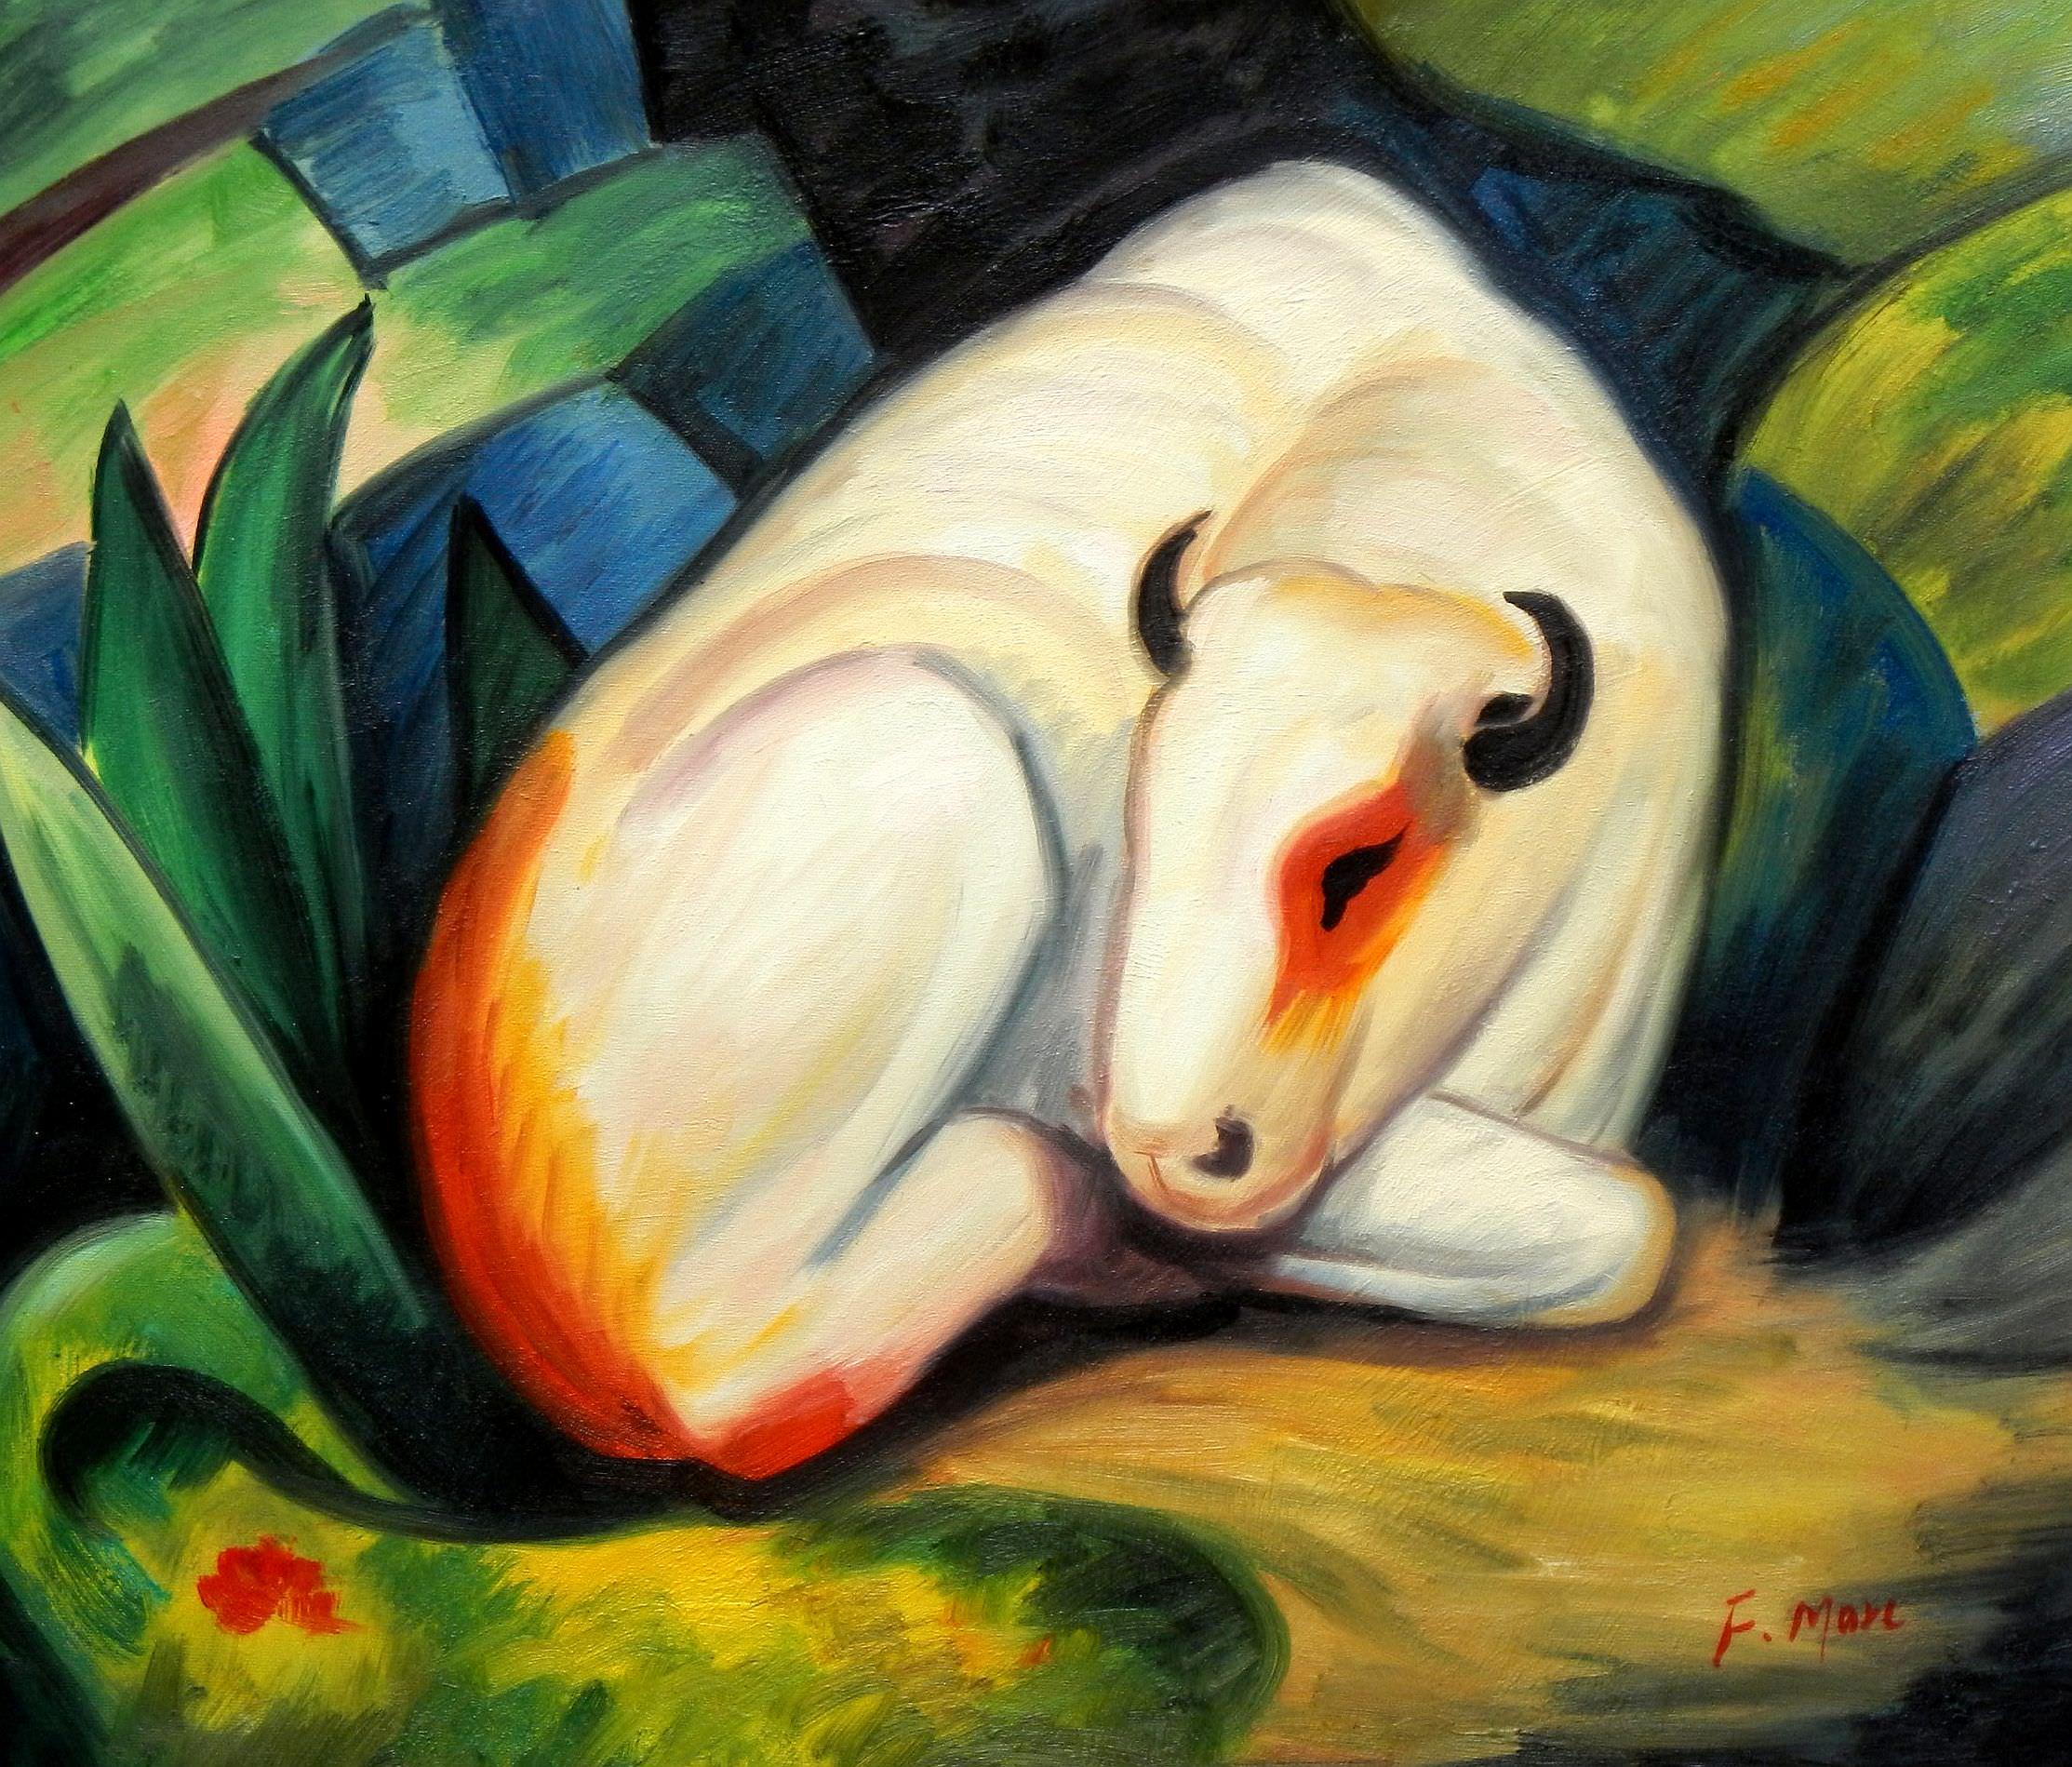 Franz Marc - Der weiße Bulle c93344 50x60cm Expressionismus Ölgemälde